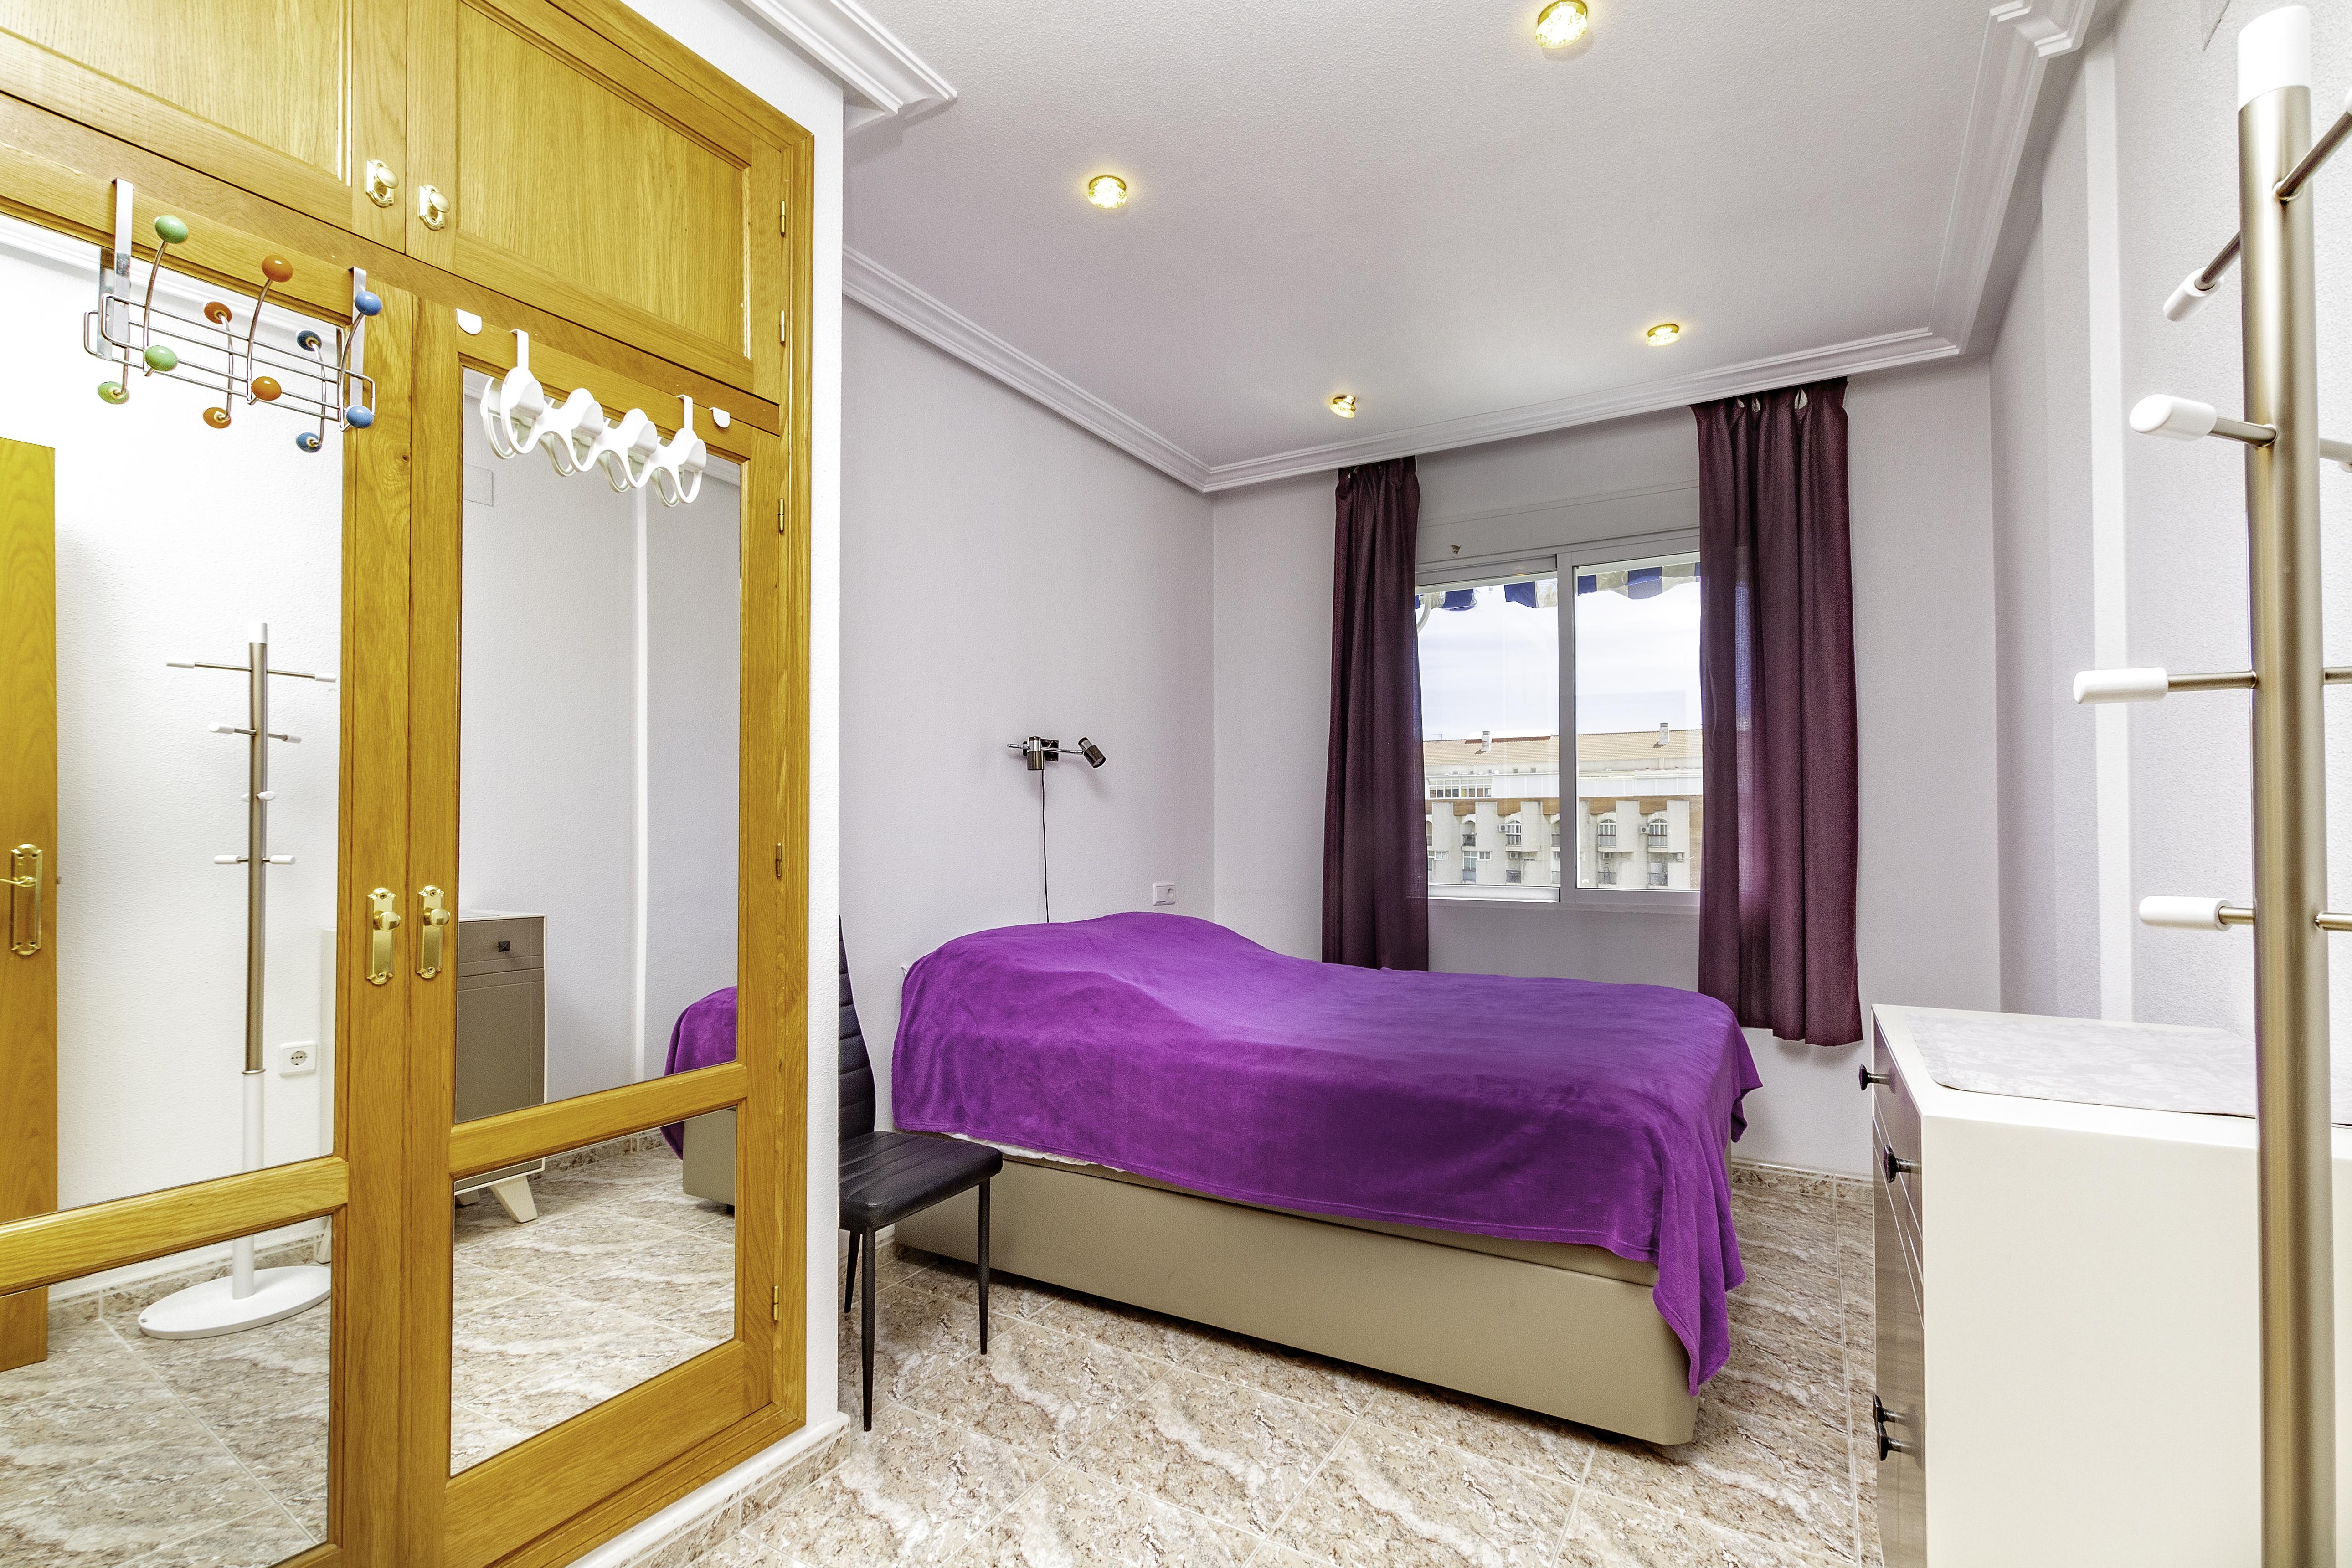 Appartement de vacances Geräumige Wohnung nur 500 Meter vom Strand entfernt (2611011), Torrevieja, Costa Blanca, Valence, Espagne, image 5